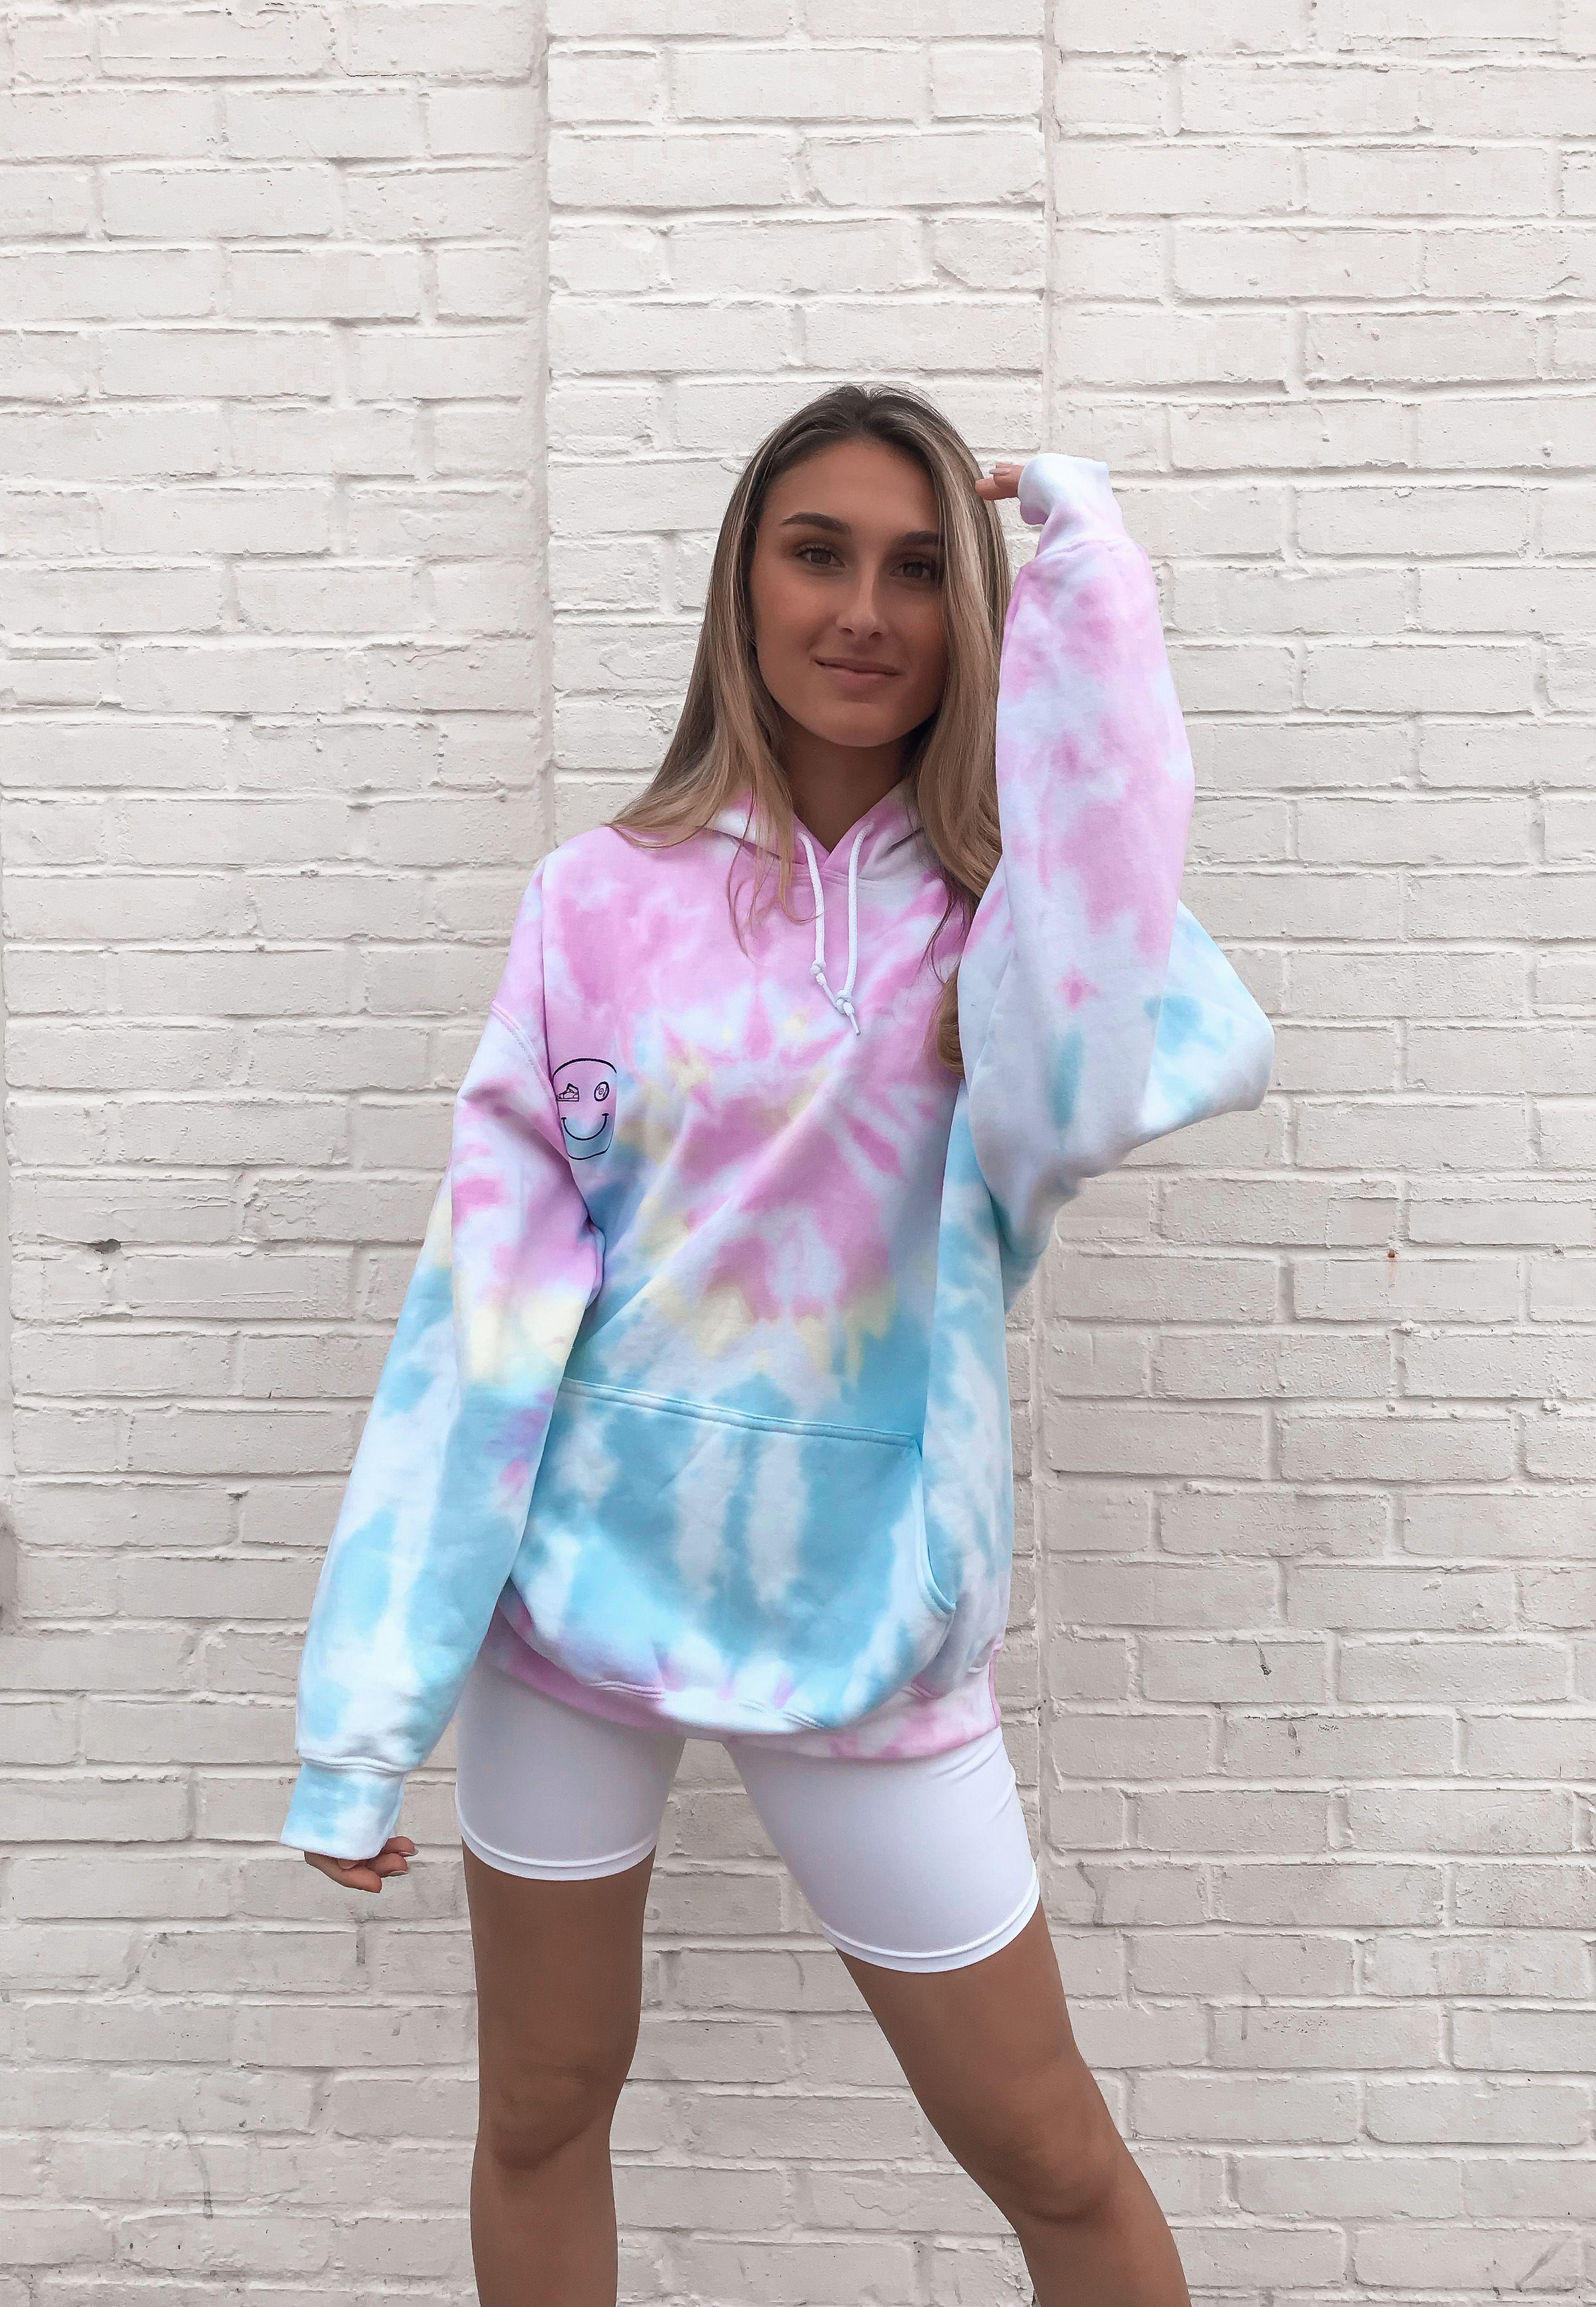 Pastel TieDye Hoodies in 2020 Tie dye hoodie, Tie dye